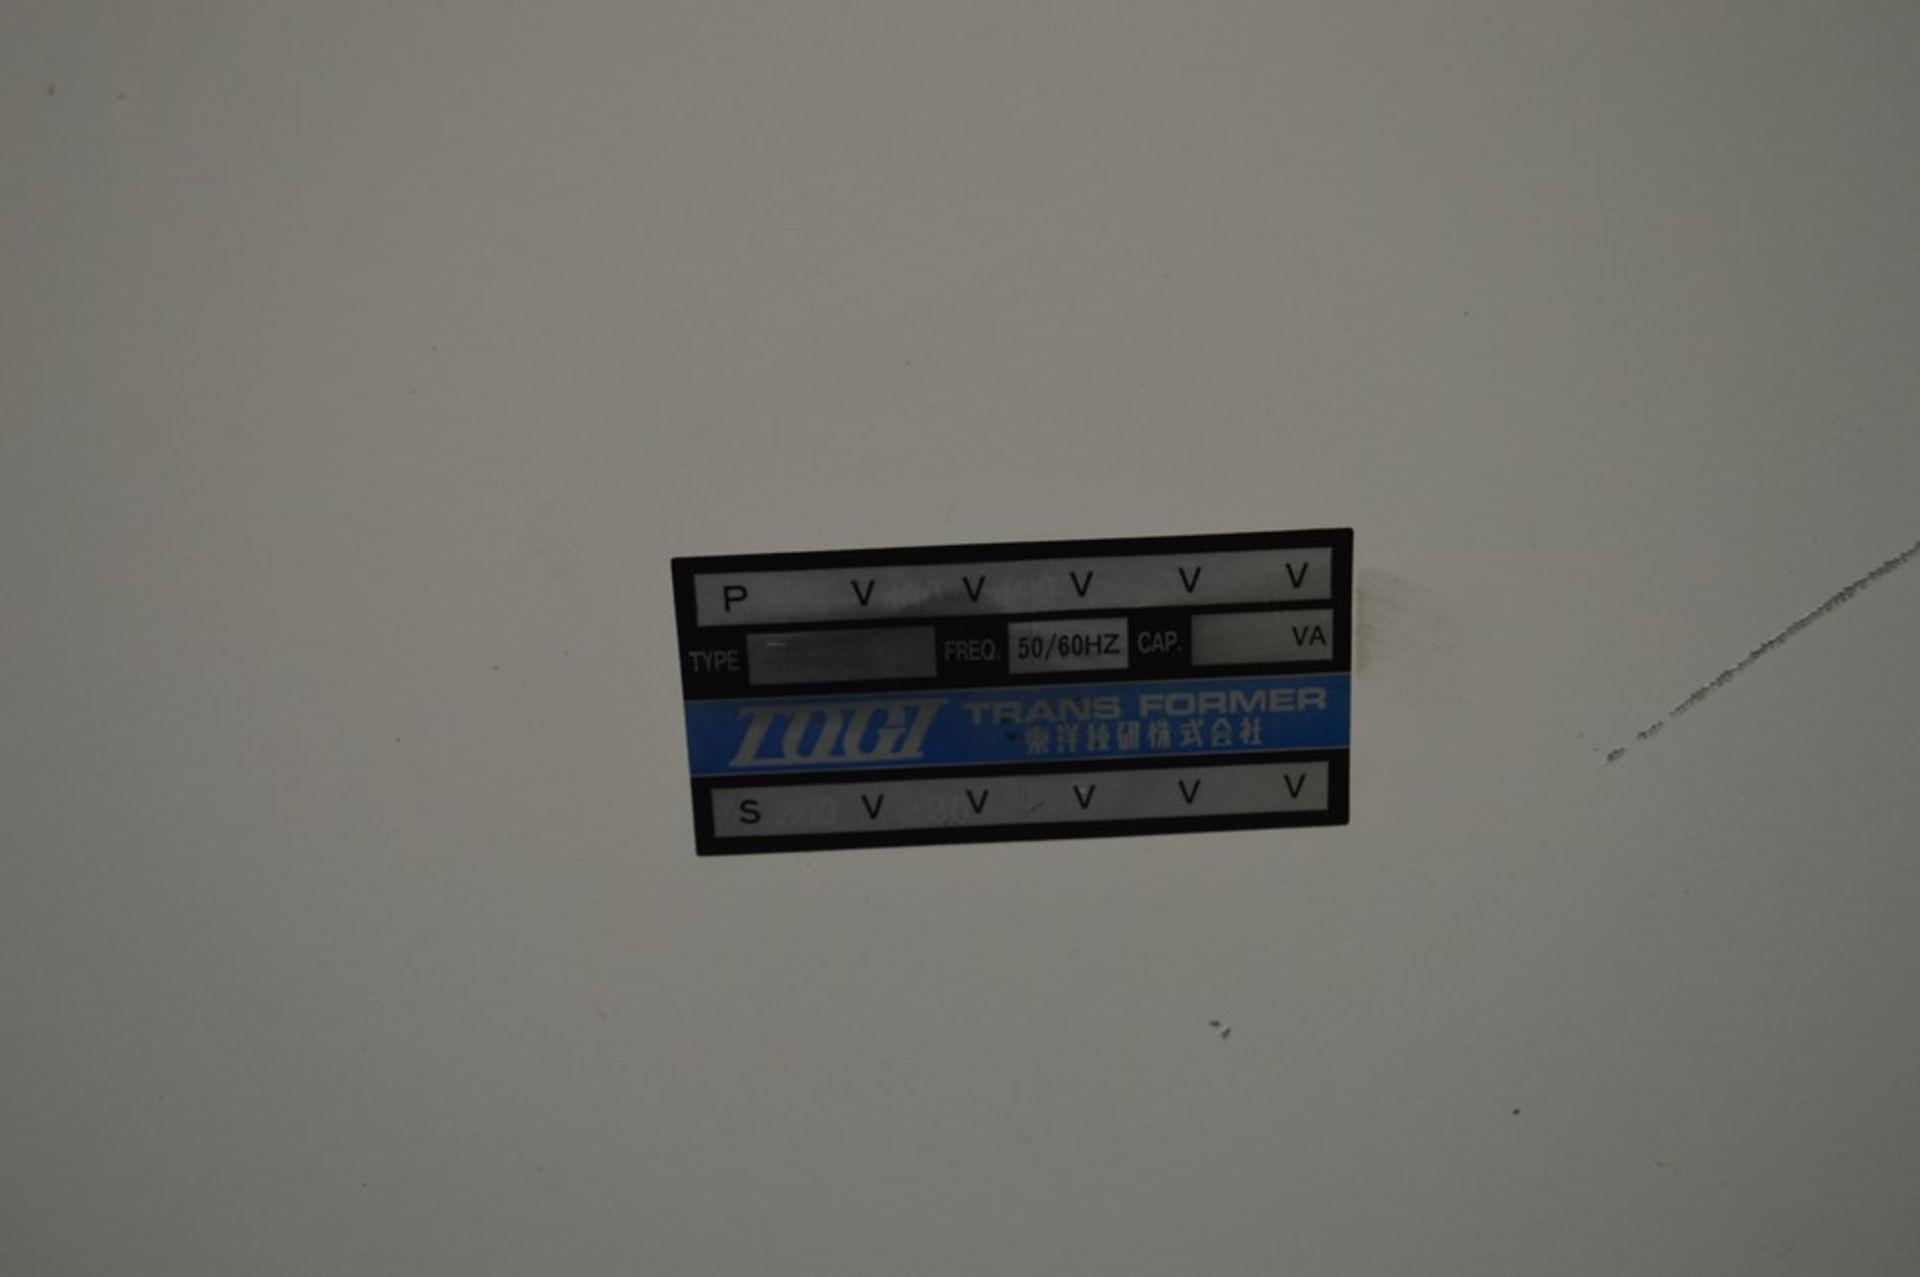 Tegi transformer 480 x 208 y, 200a - Image 5 of 6